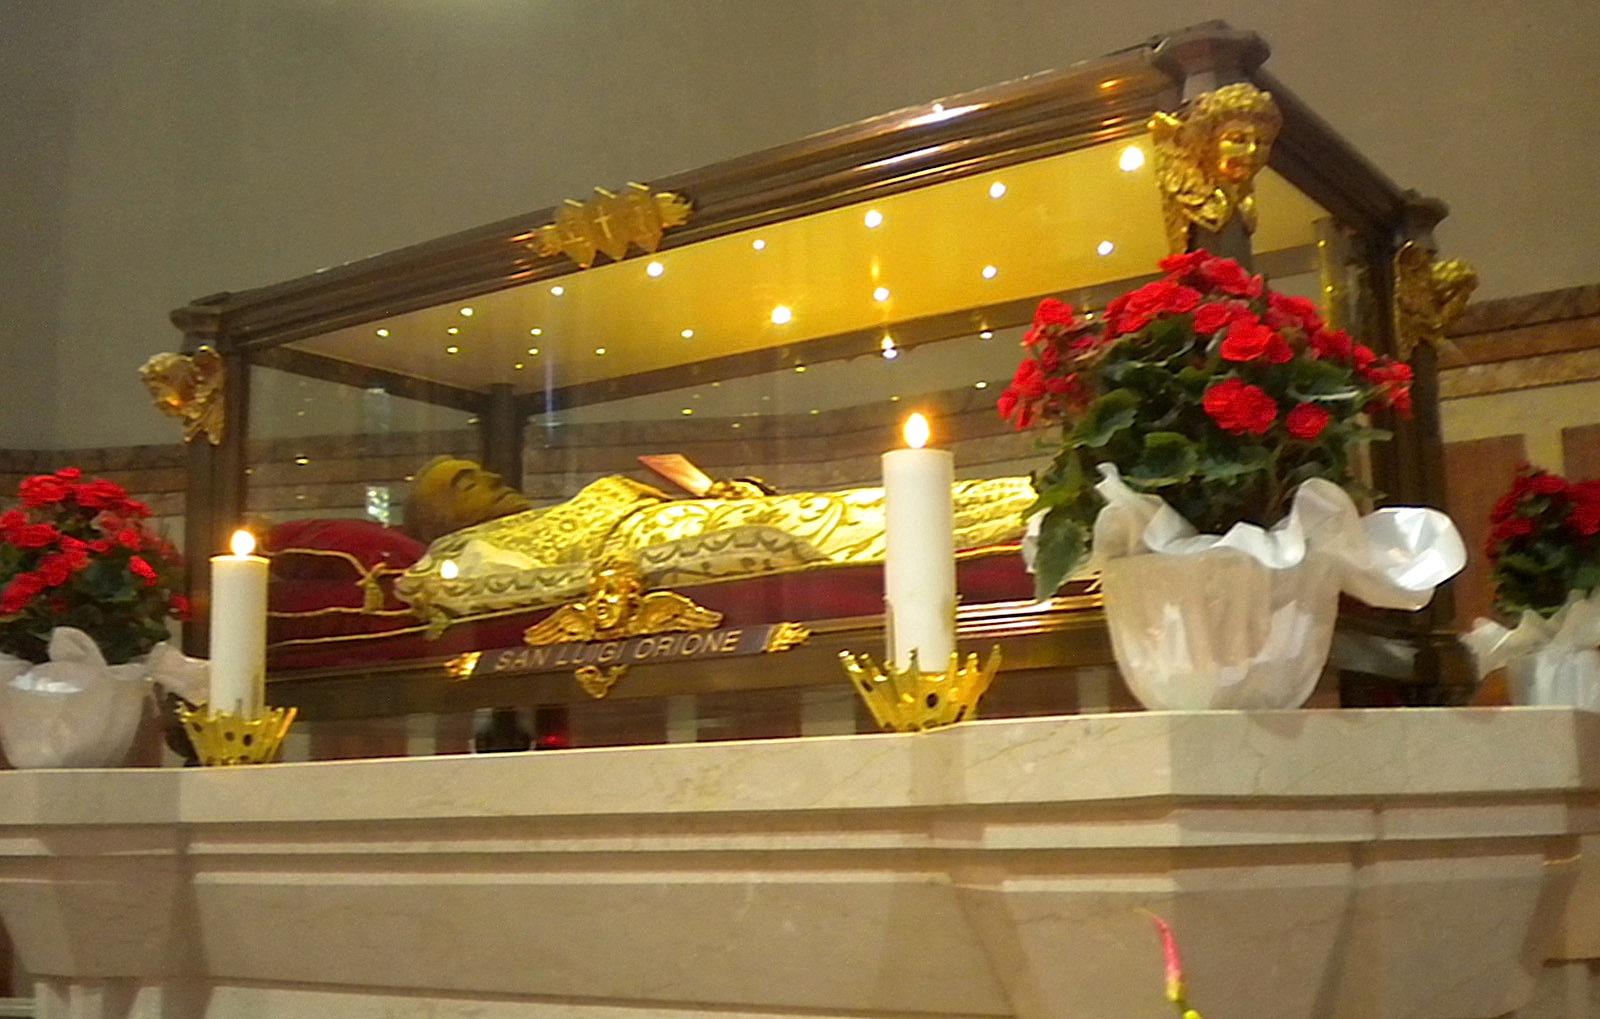 Cuerpo incorrupto de san Luis Orione, expuesto en el Santuario Nuestra Señora de la Guardia en Tortona, Italia.